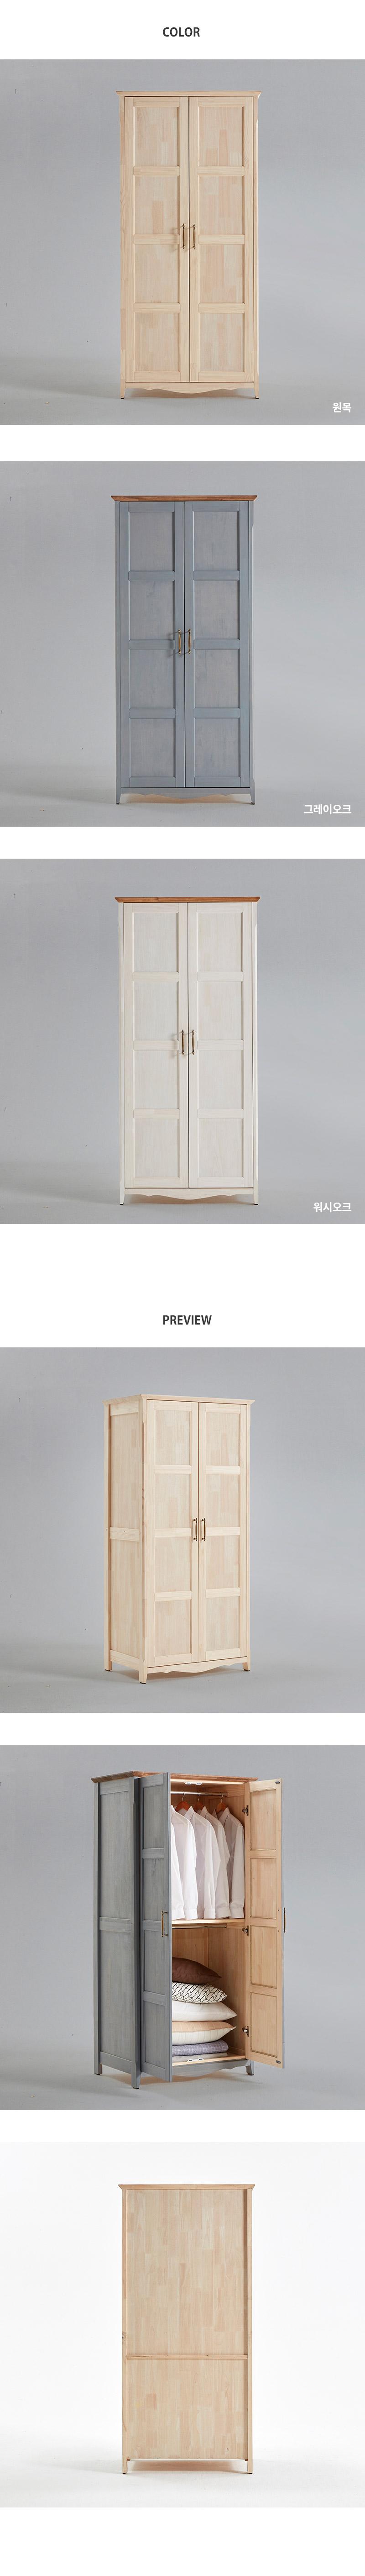 프리모 원목 긴문 장롱 - 인우드, 493,900원, 붙박이장/장롱, 옷장/싱글장